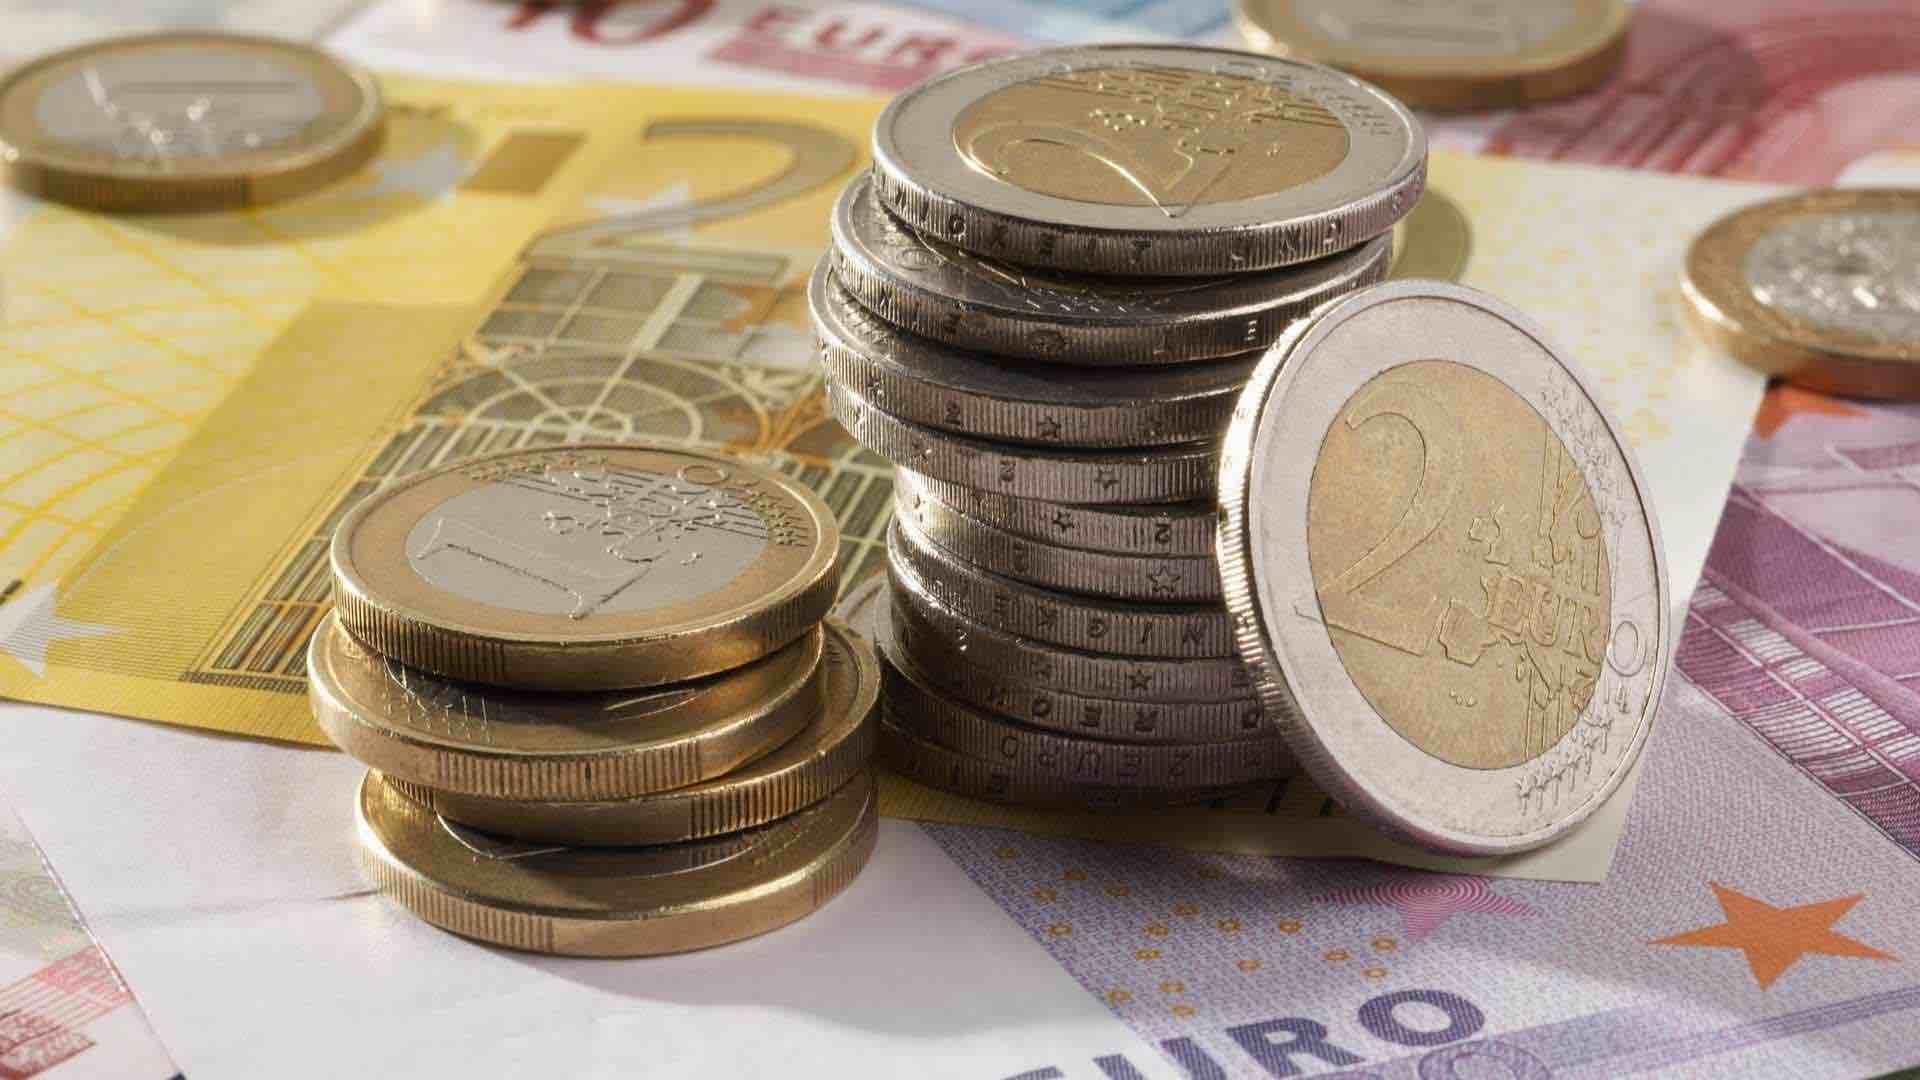 FIAP Contributi Investimenti 2019 v2. Credenziali per conferma domande prenotate a mezzo PEC. Punto situazione contributi annualita precedenti